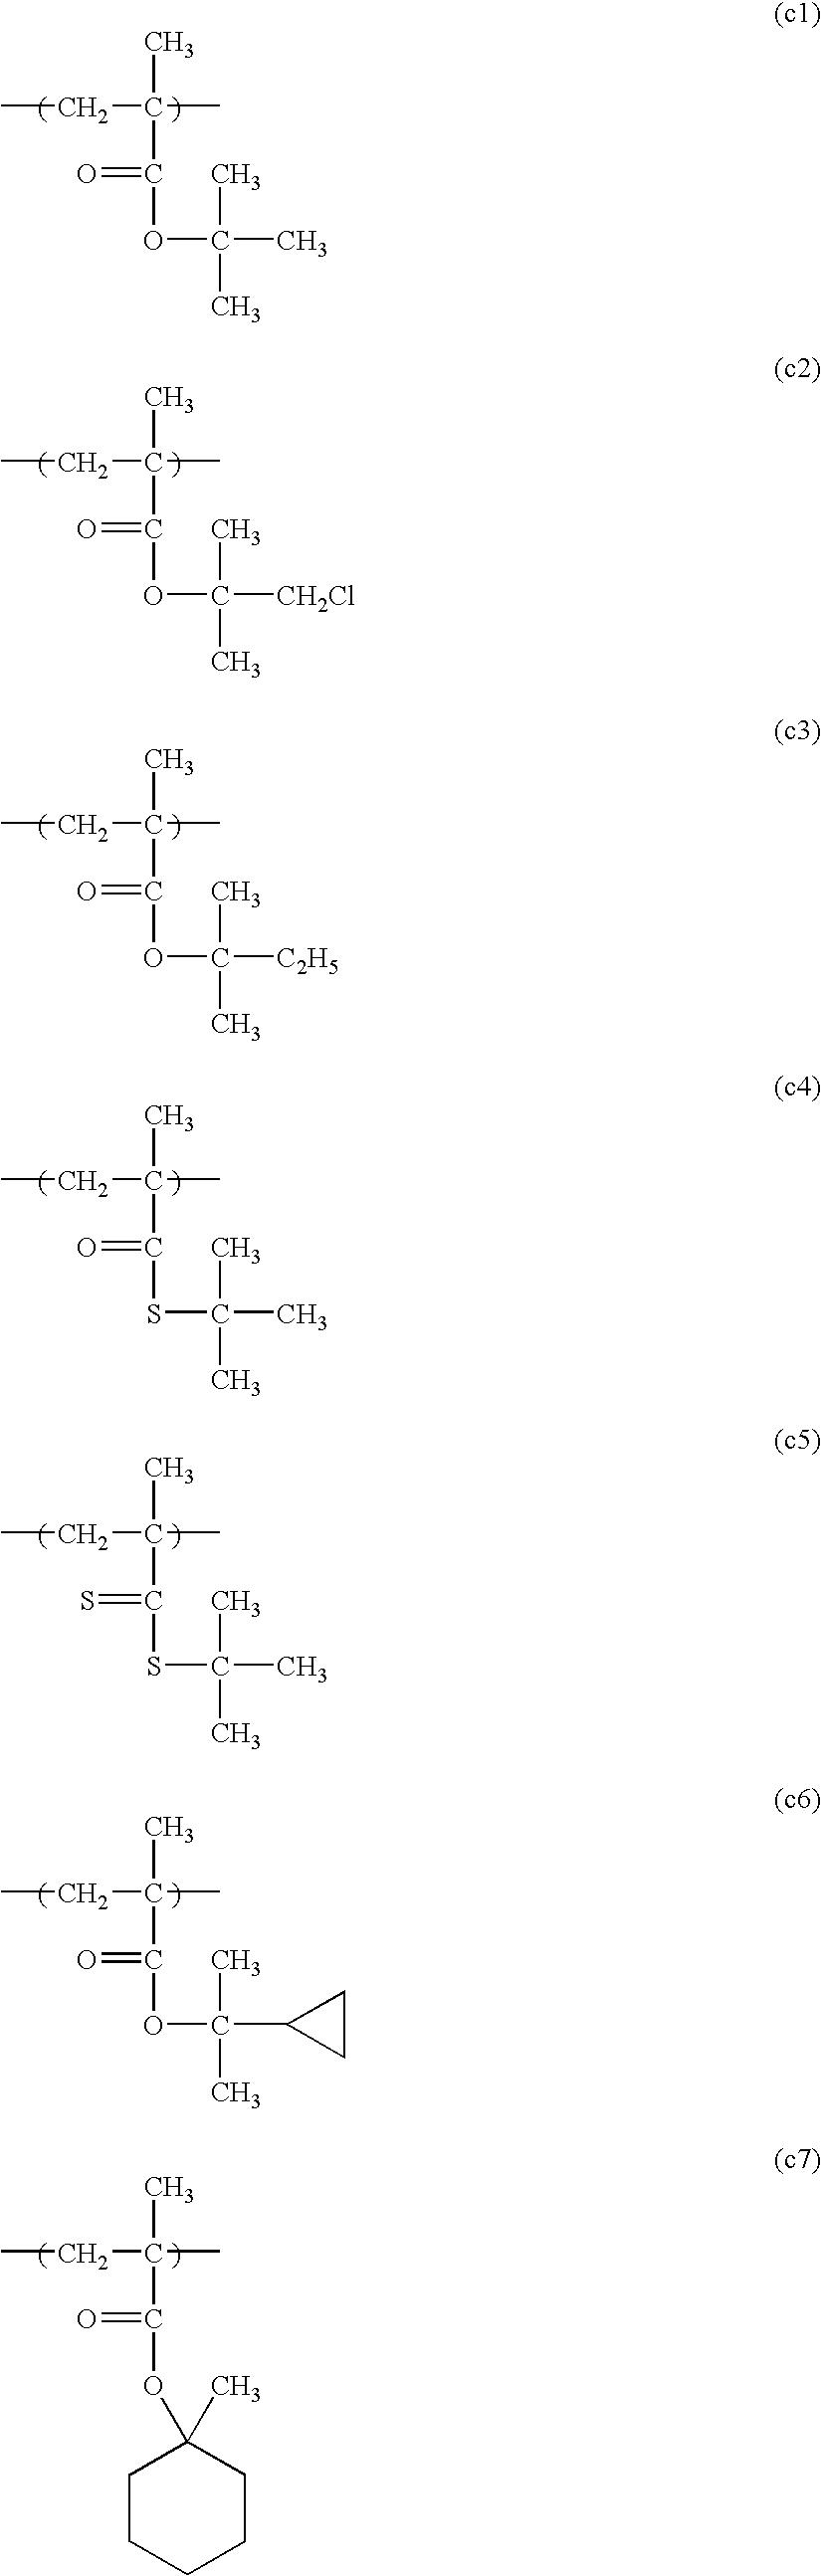 Figure US20070003871A1-20070104-C00053